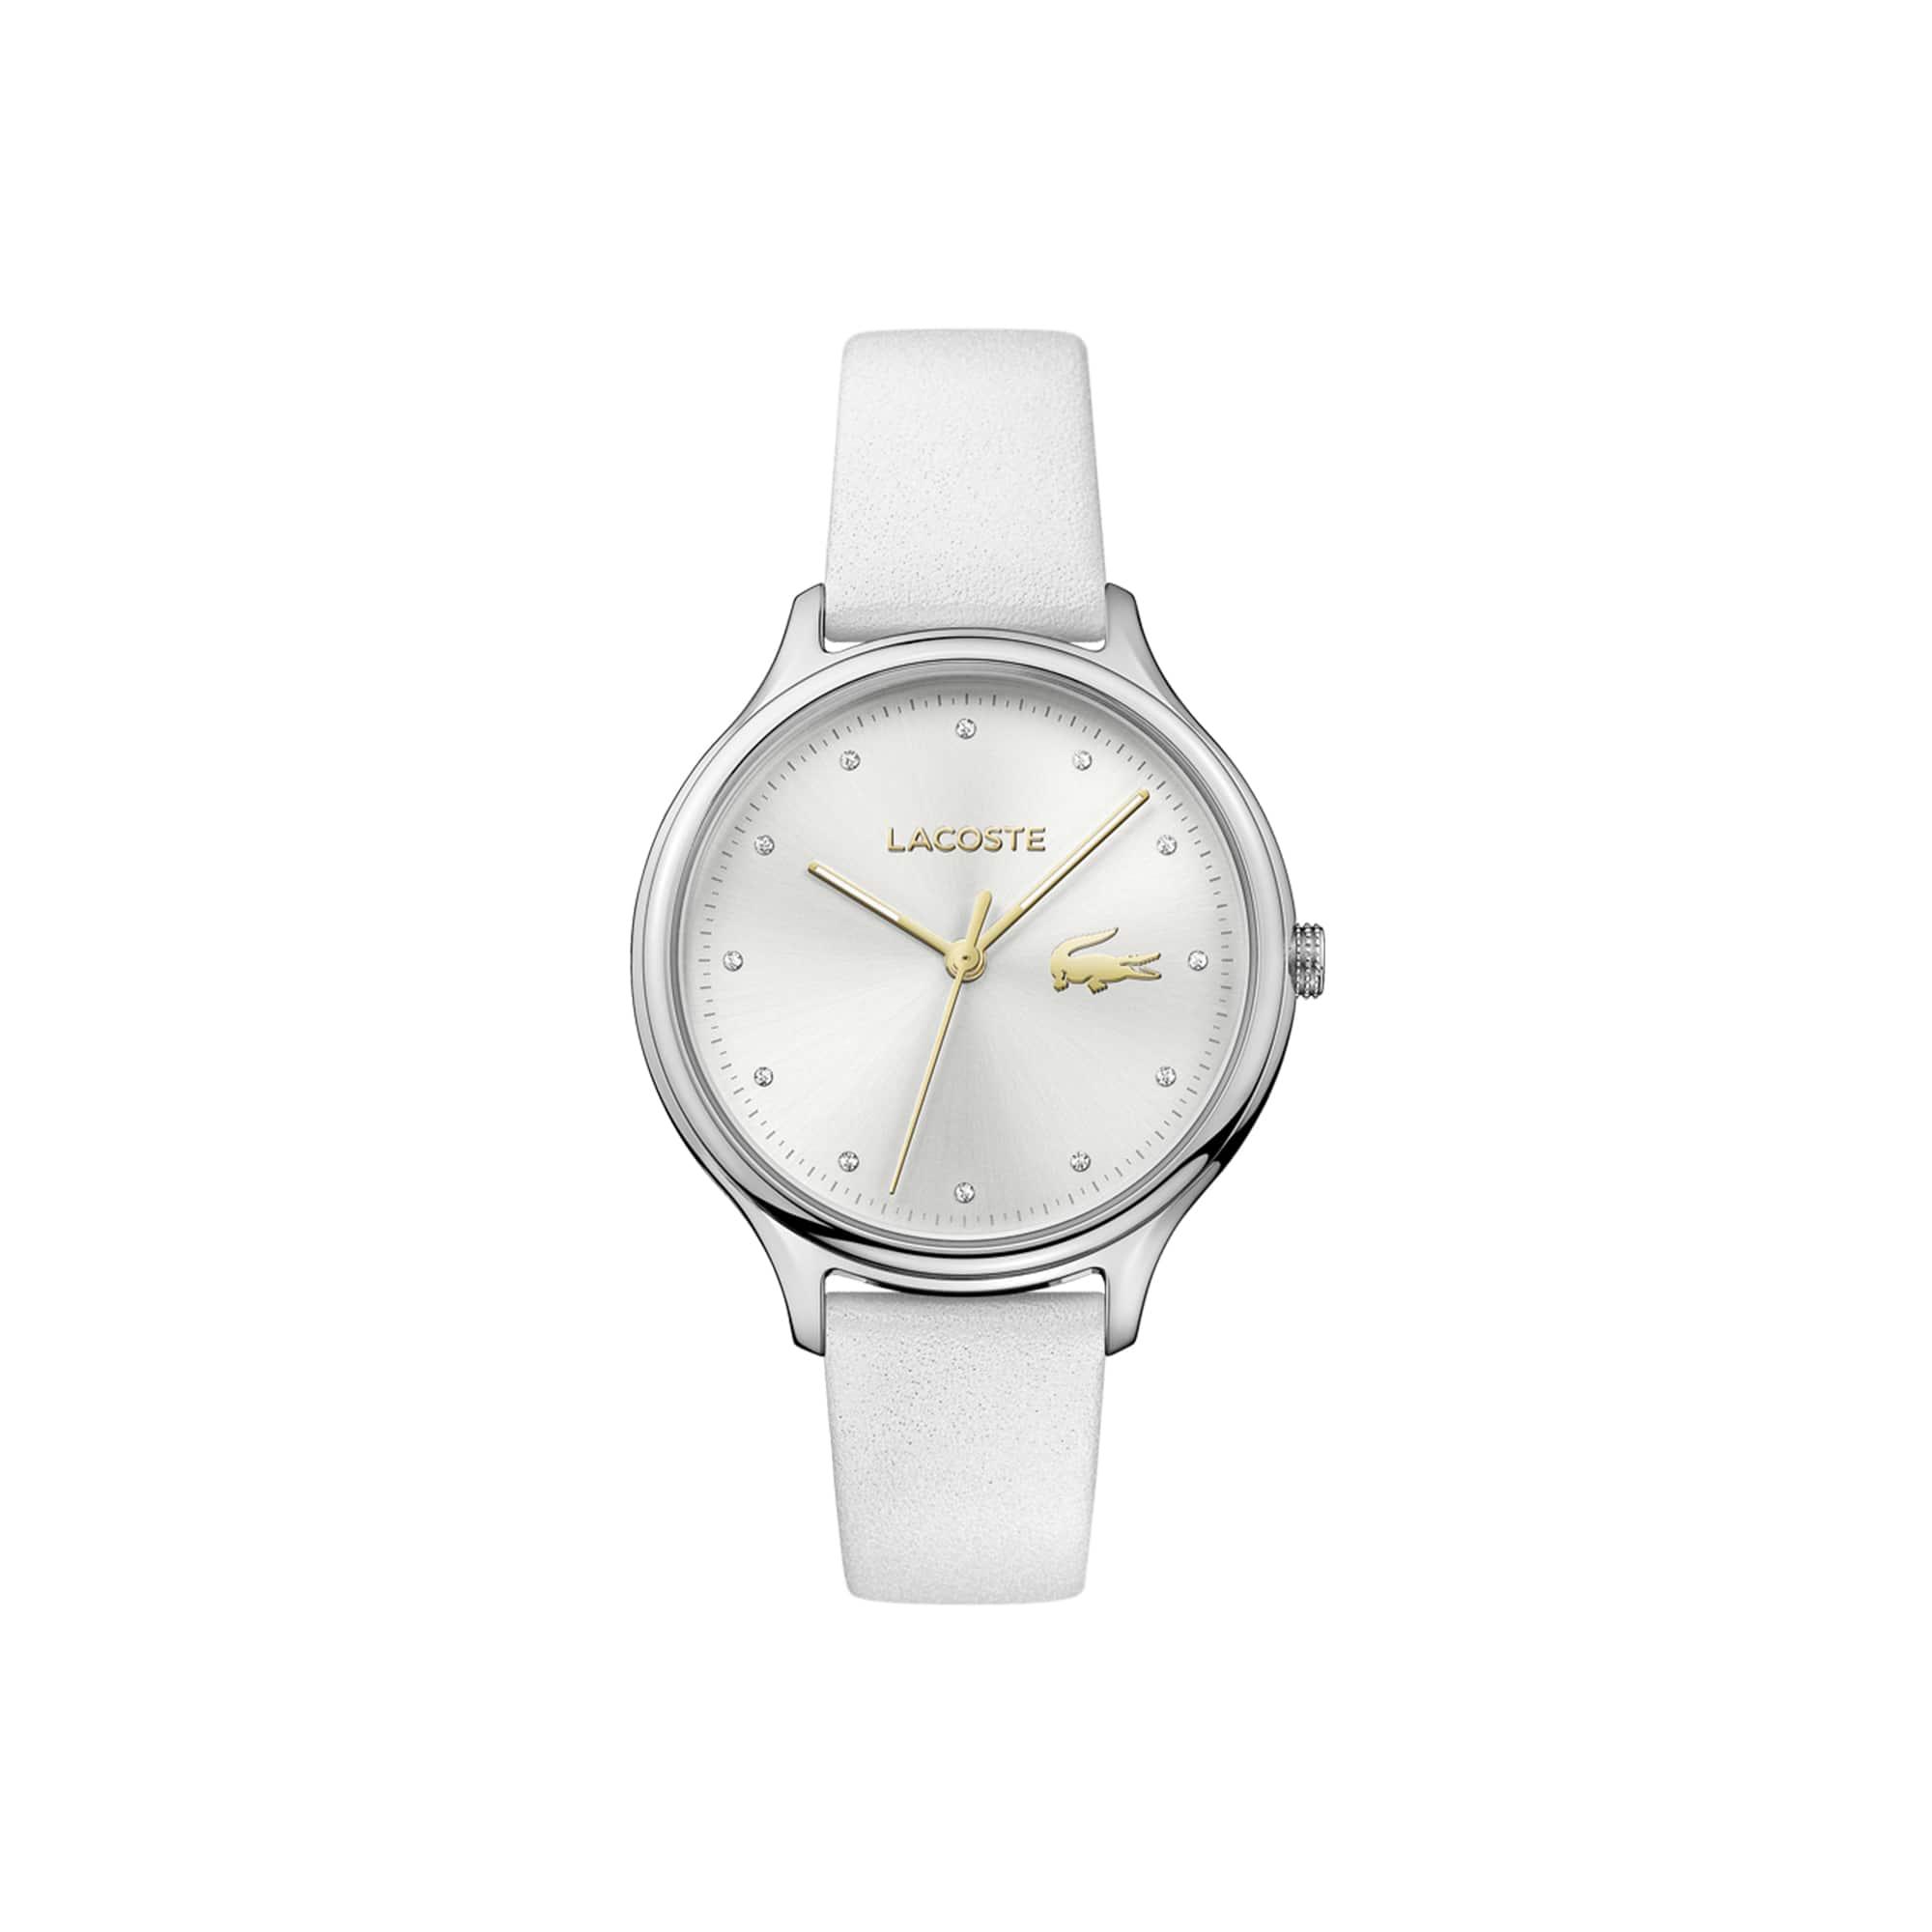 Relógio Constance Senhora com Bracelete em Couro Branco